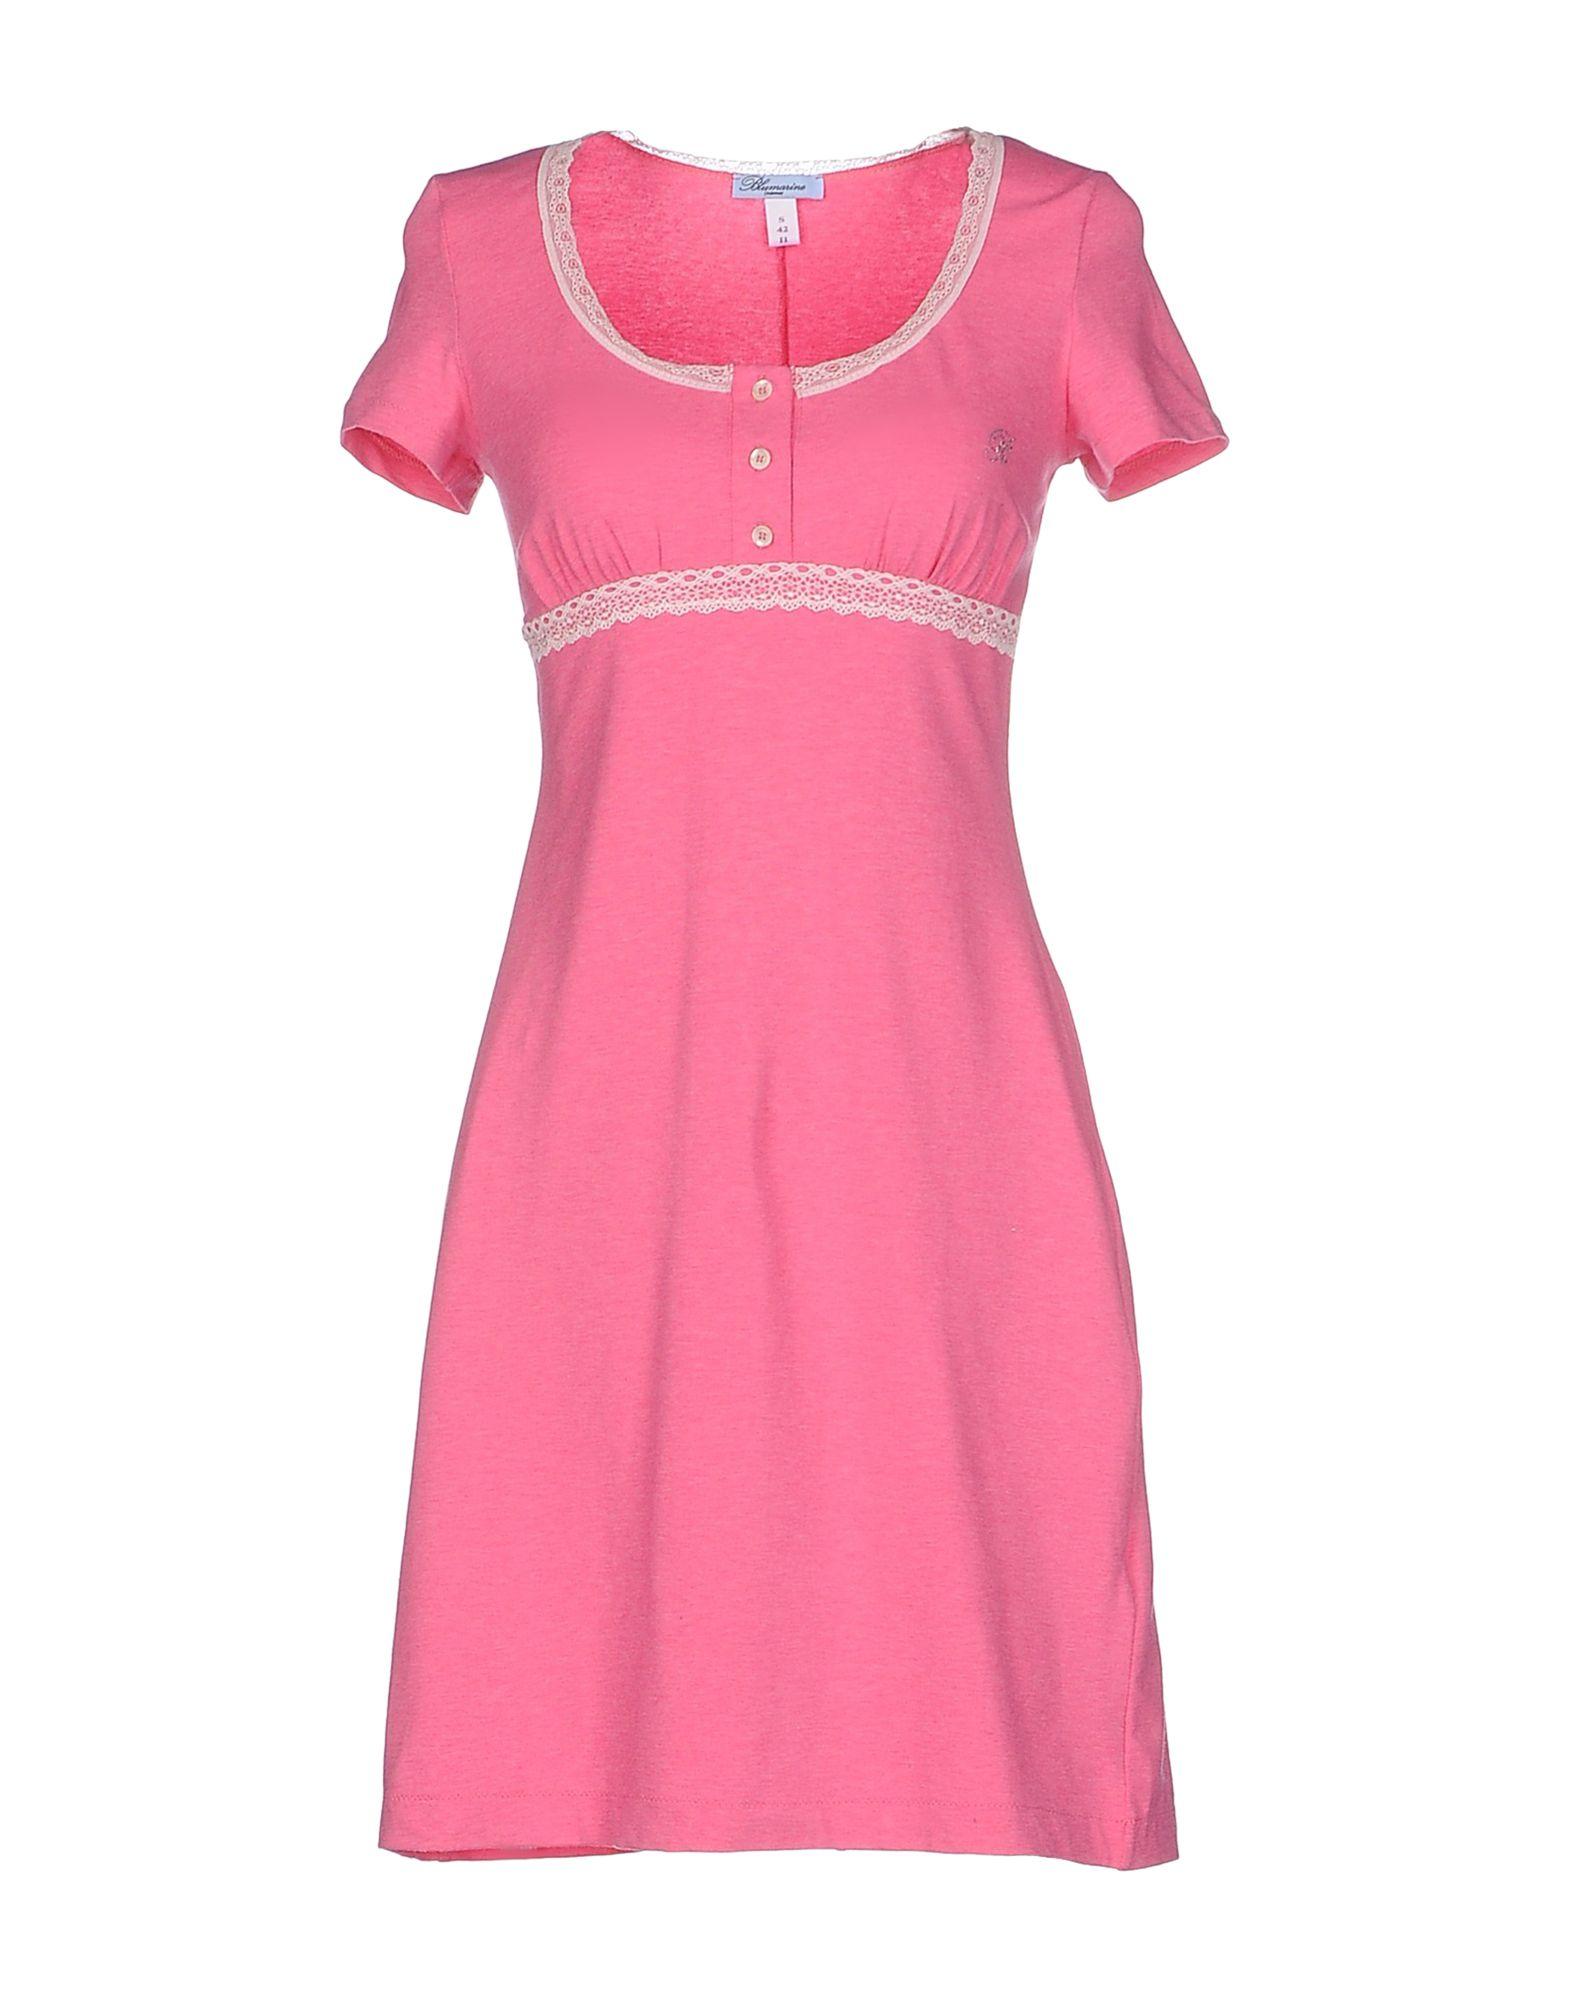 BLUMARINE UNDERWEAR Nightgowns